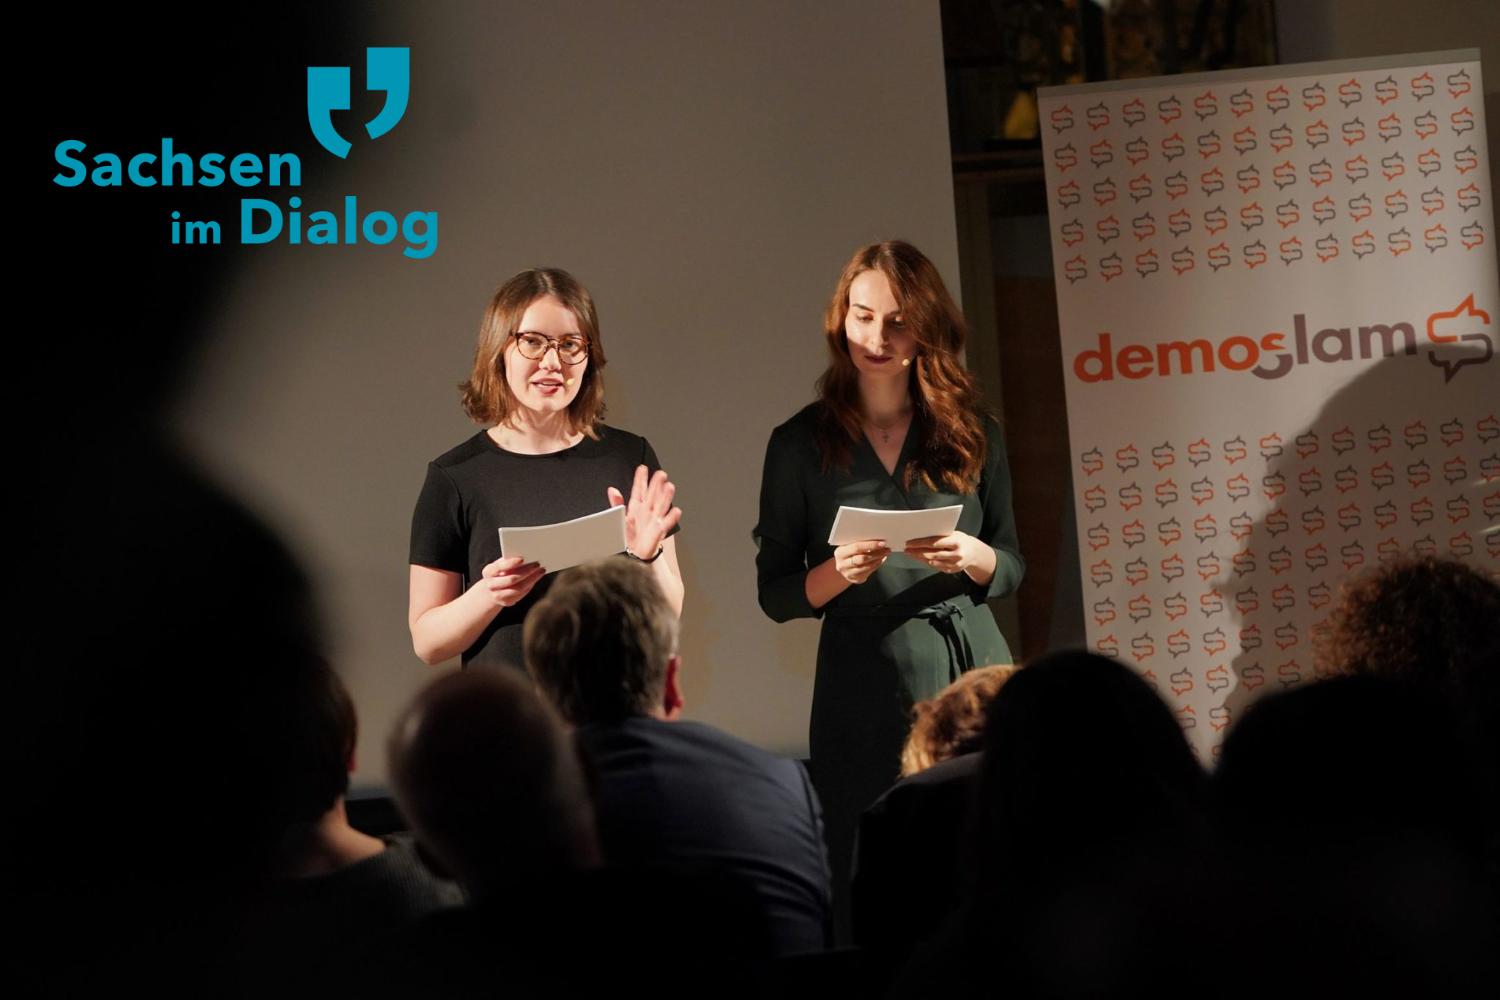 demoSlam: Der Slam für Junge Streitkultur in Sachsen